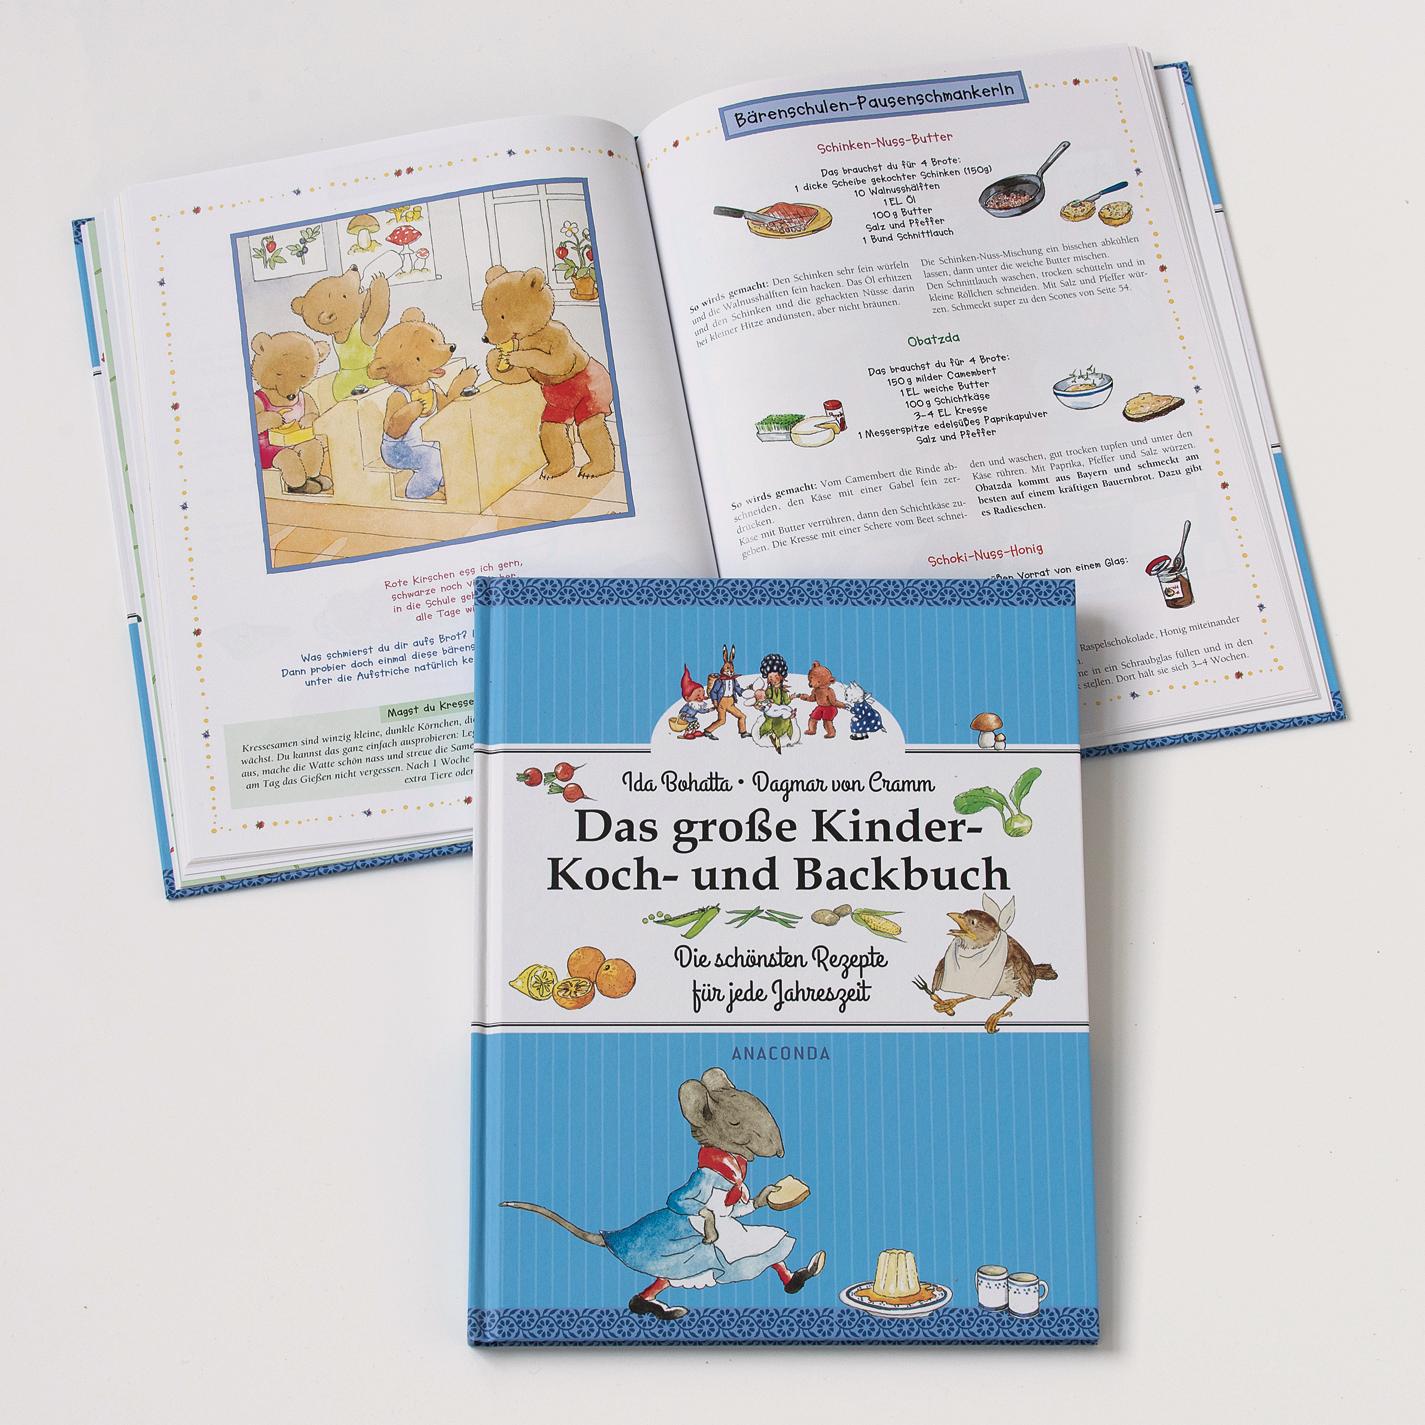 Koch- & backbücher  Das großer Kinder Koch- und Backbuch online kaufen | Torquato.de